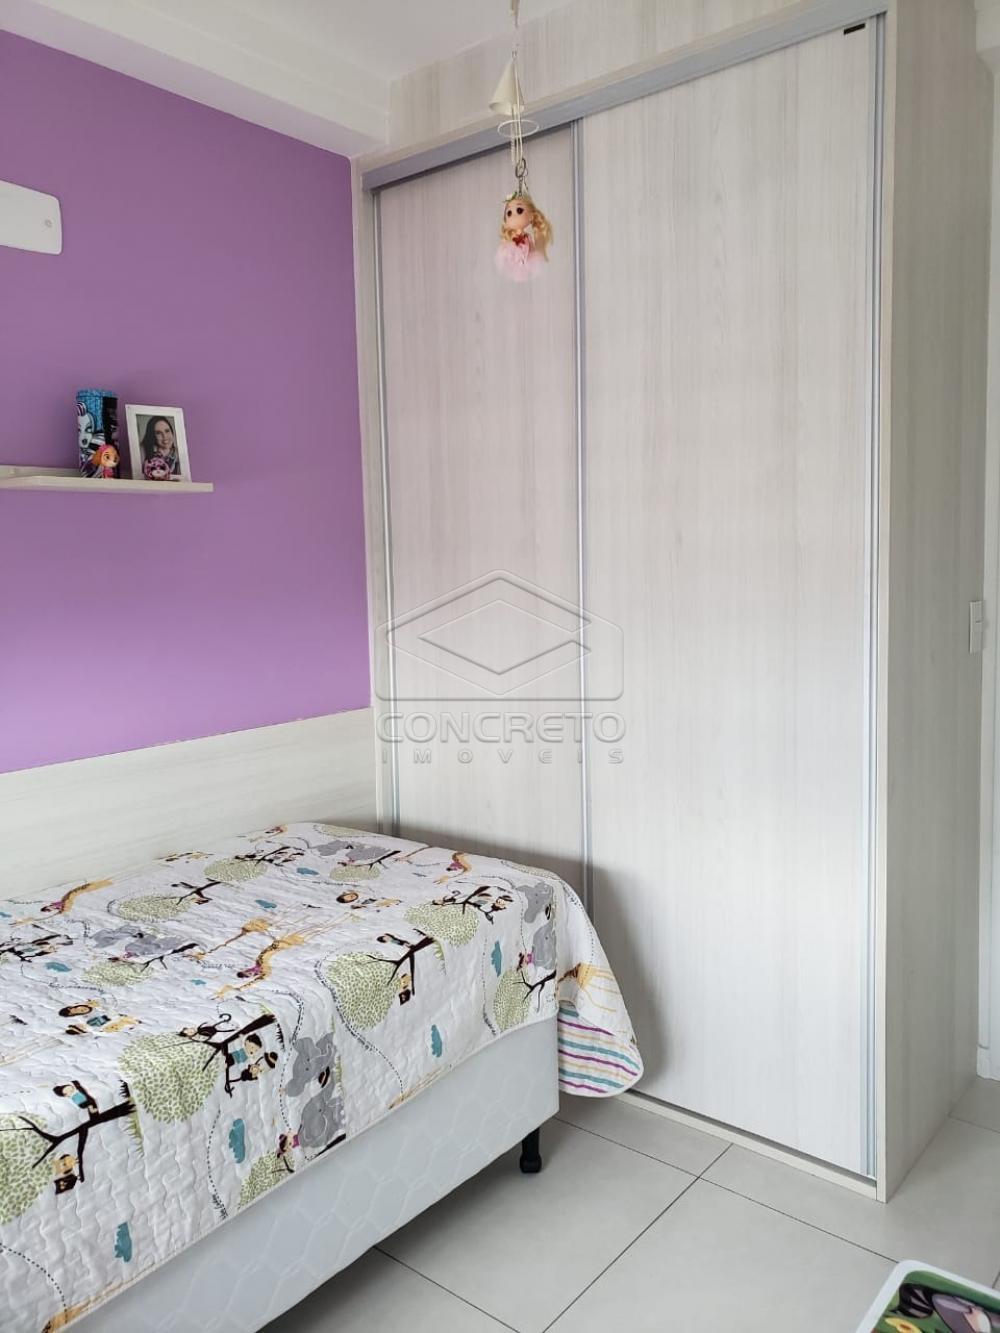 Comprar Apartamento / Padrão em Bauru R$ 650.000,00 - Foto 17